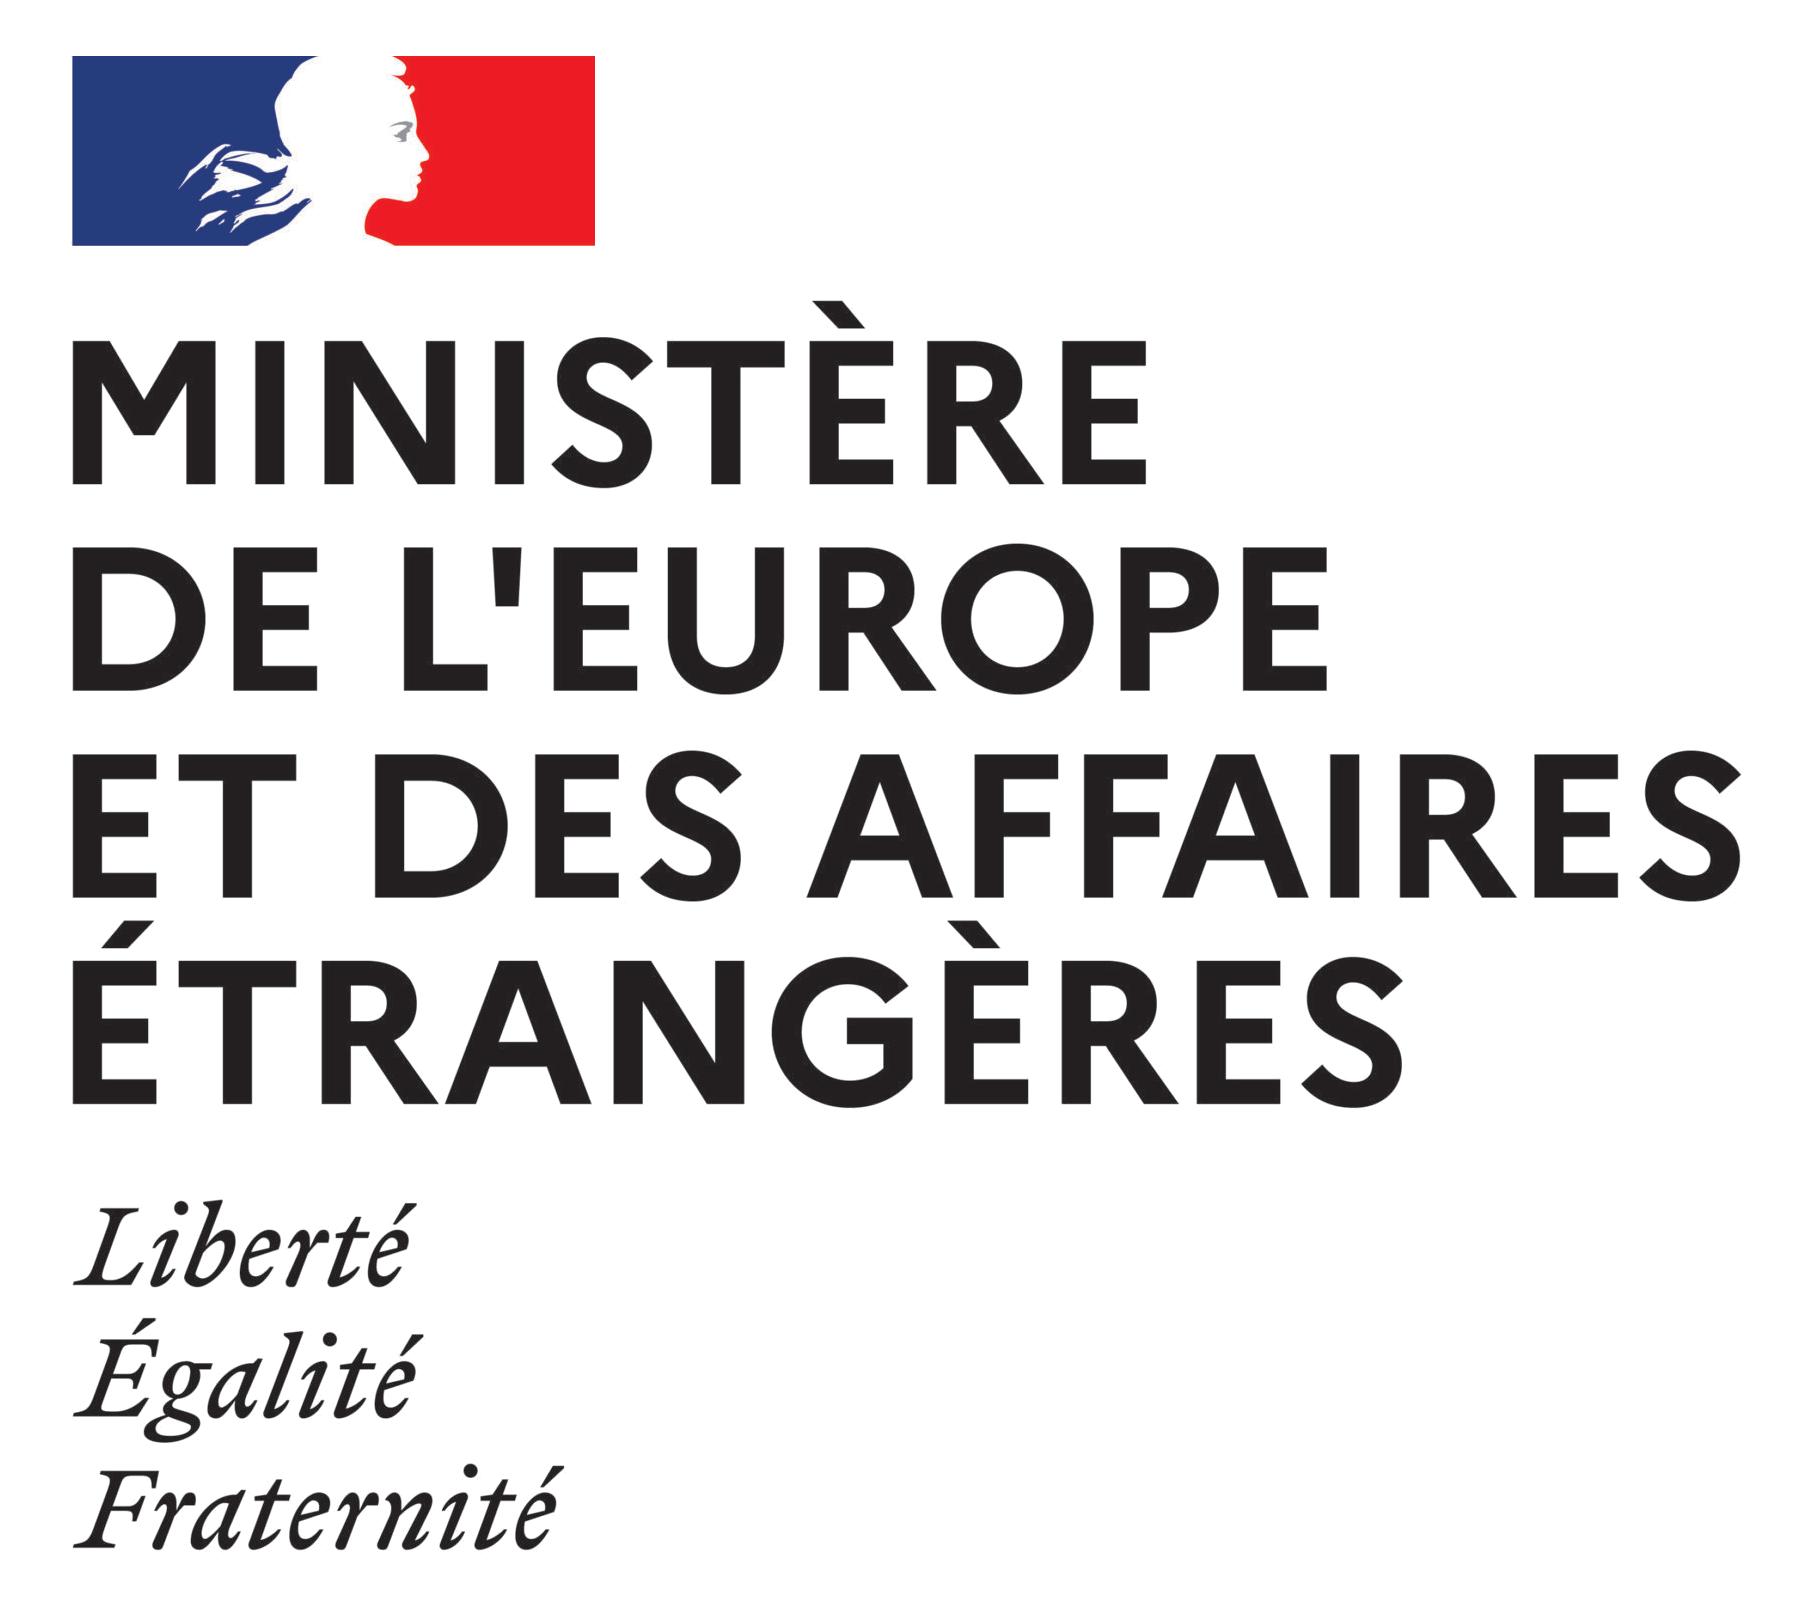 Ministère de l'Europe et des Affaires Etrangères (MEAE)